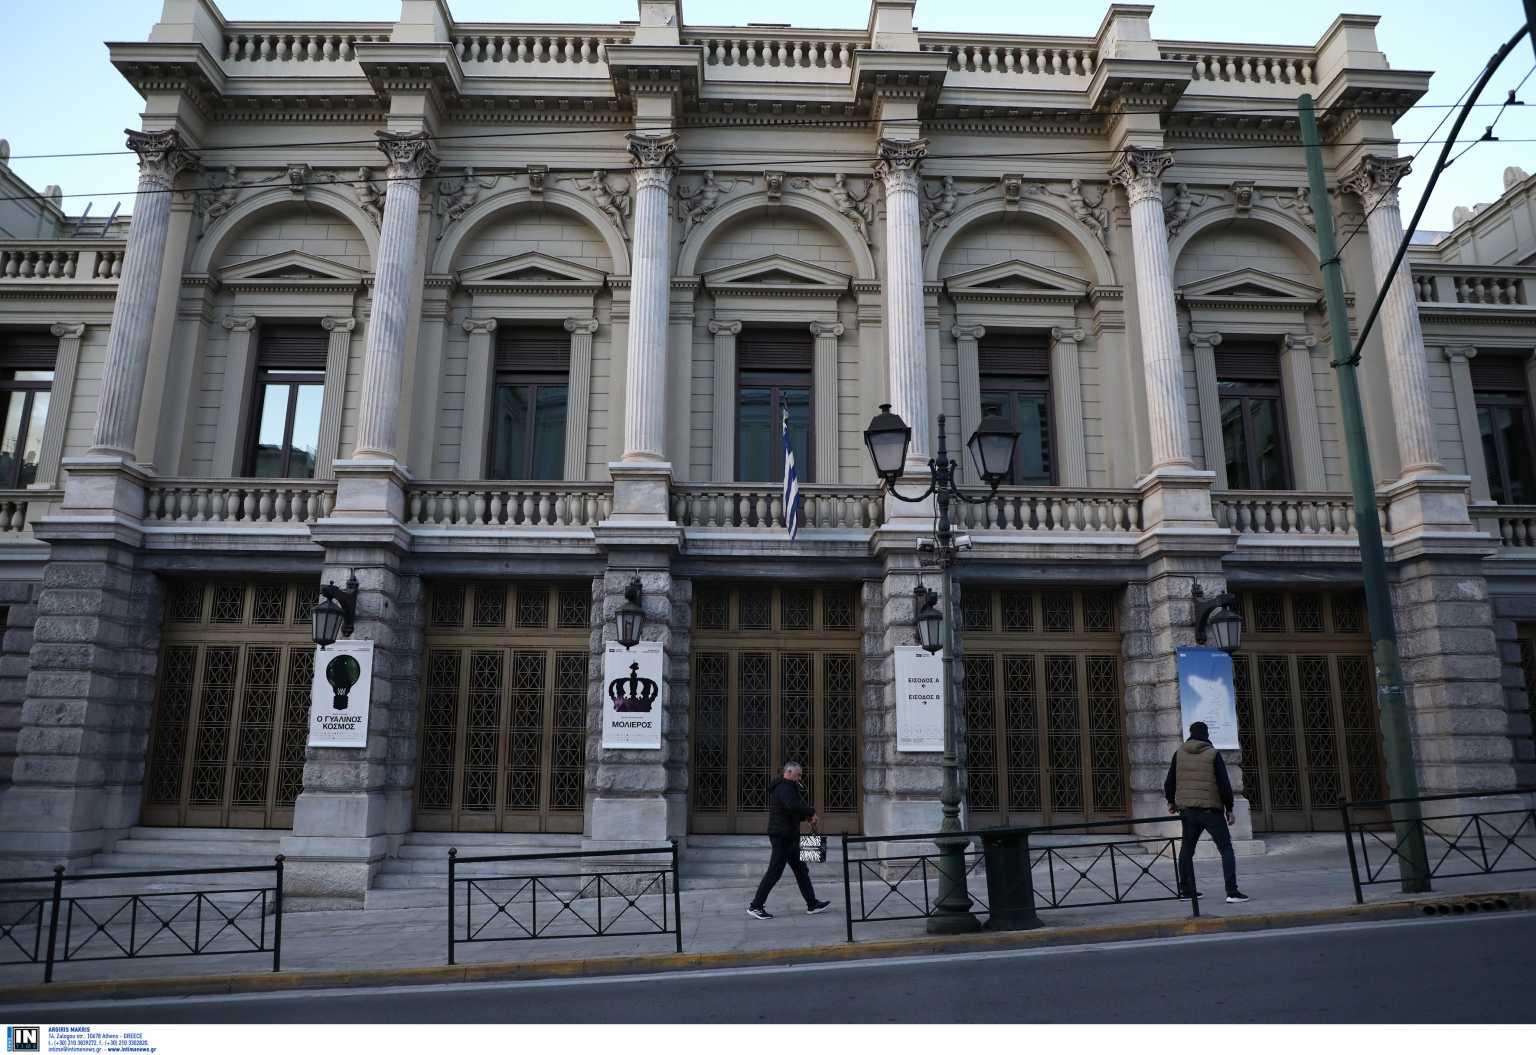 Εθνικό Θέατρο: Η Έρι Κύργια στην θέση του Δημήτρη Λιγνάδη